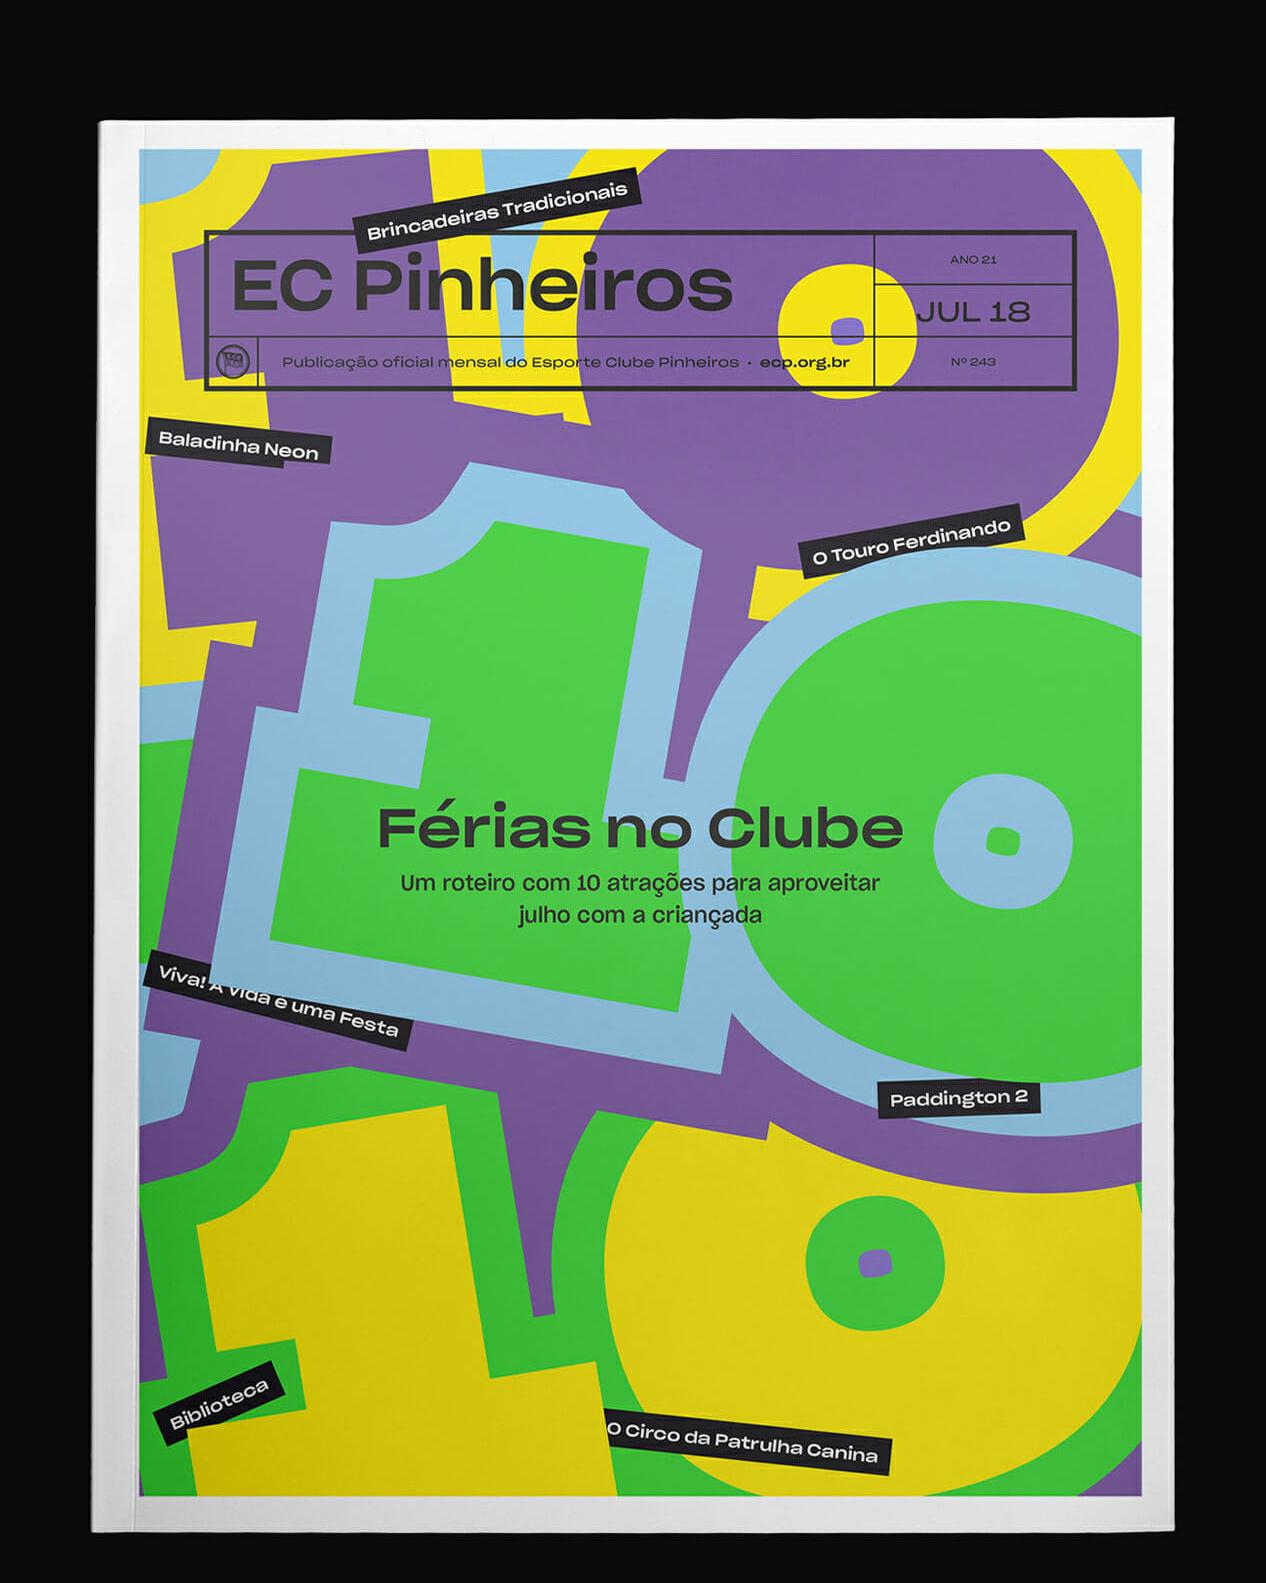 SharpGrotesk-Pinheiros-11-2.png